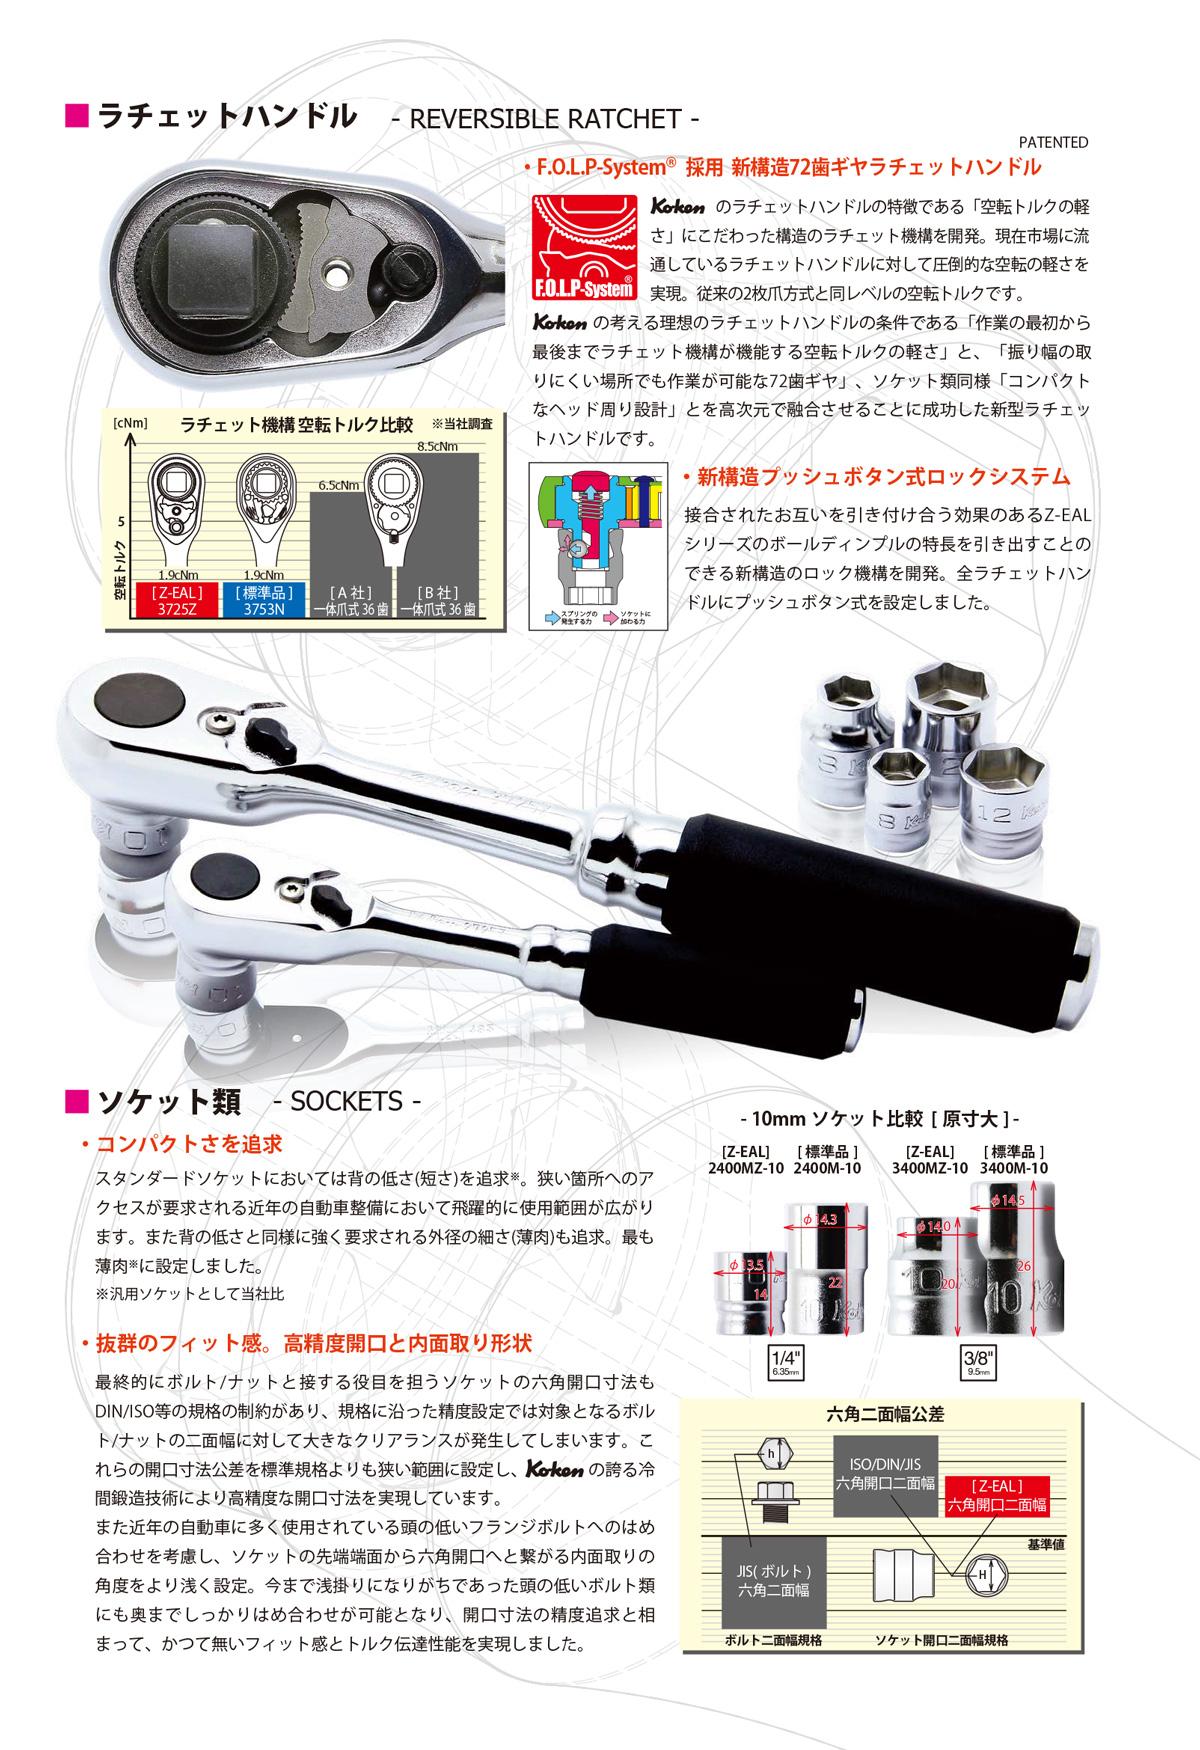 """Ko-ken 3025Z.75-T30 Z-EAL 3/8""""(9.5mm)插入长/圆车轴扭矩比特插口T30 KO-KEN Koken/山下工研究室"""